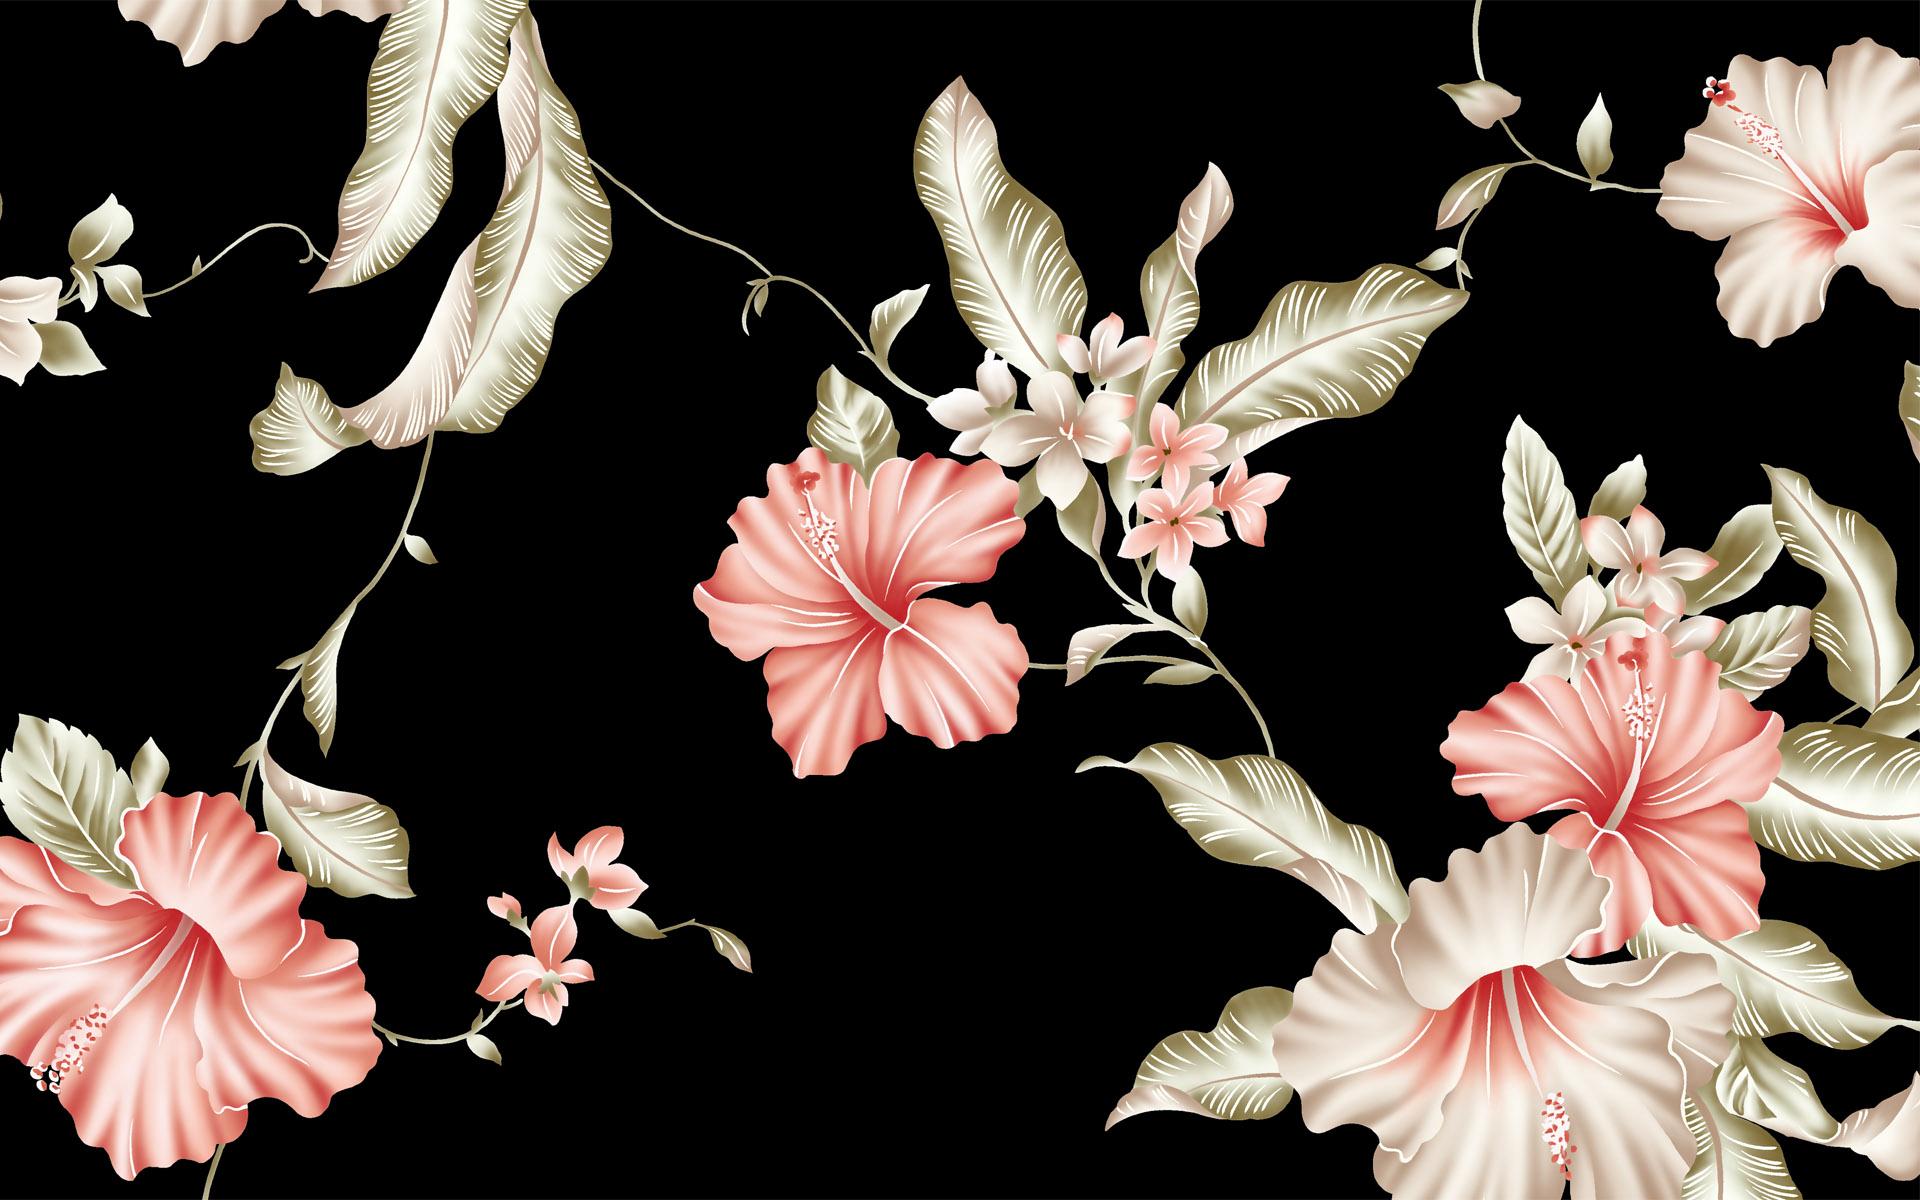 Обои для рабочего стола цветы винтаж